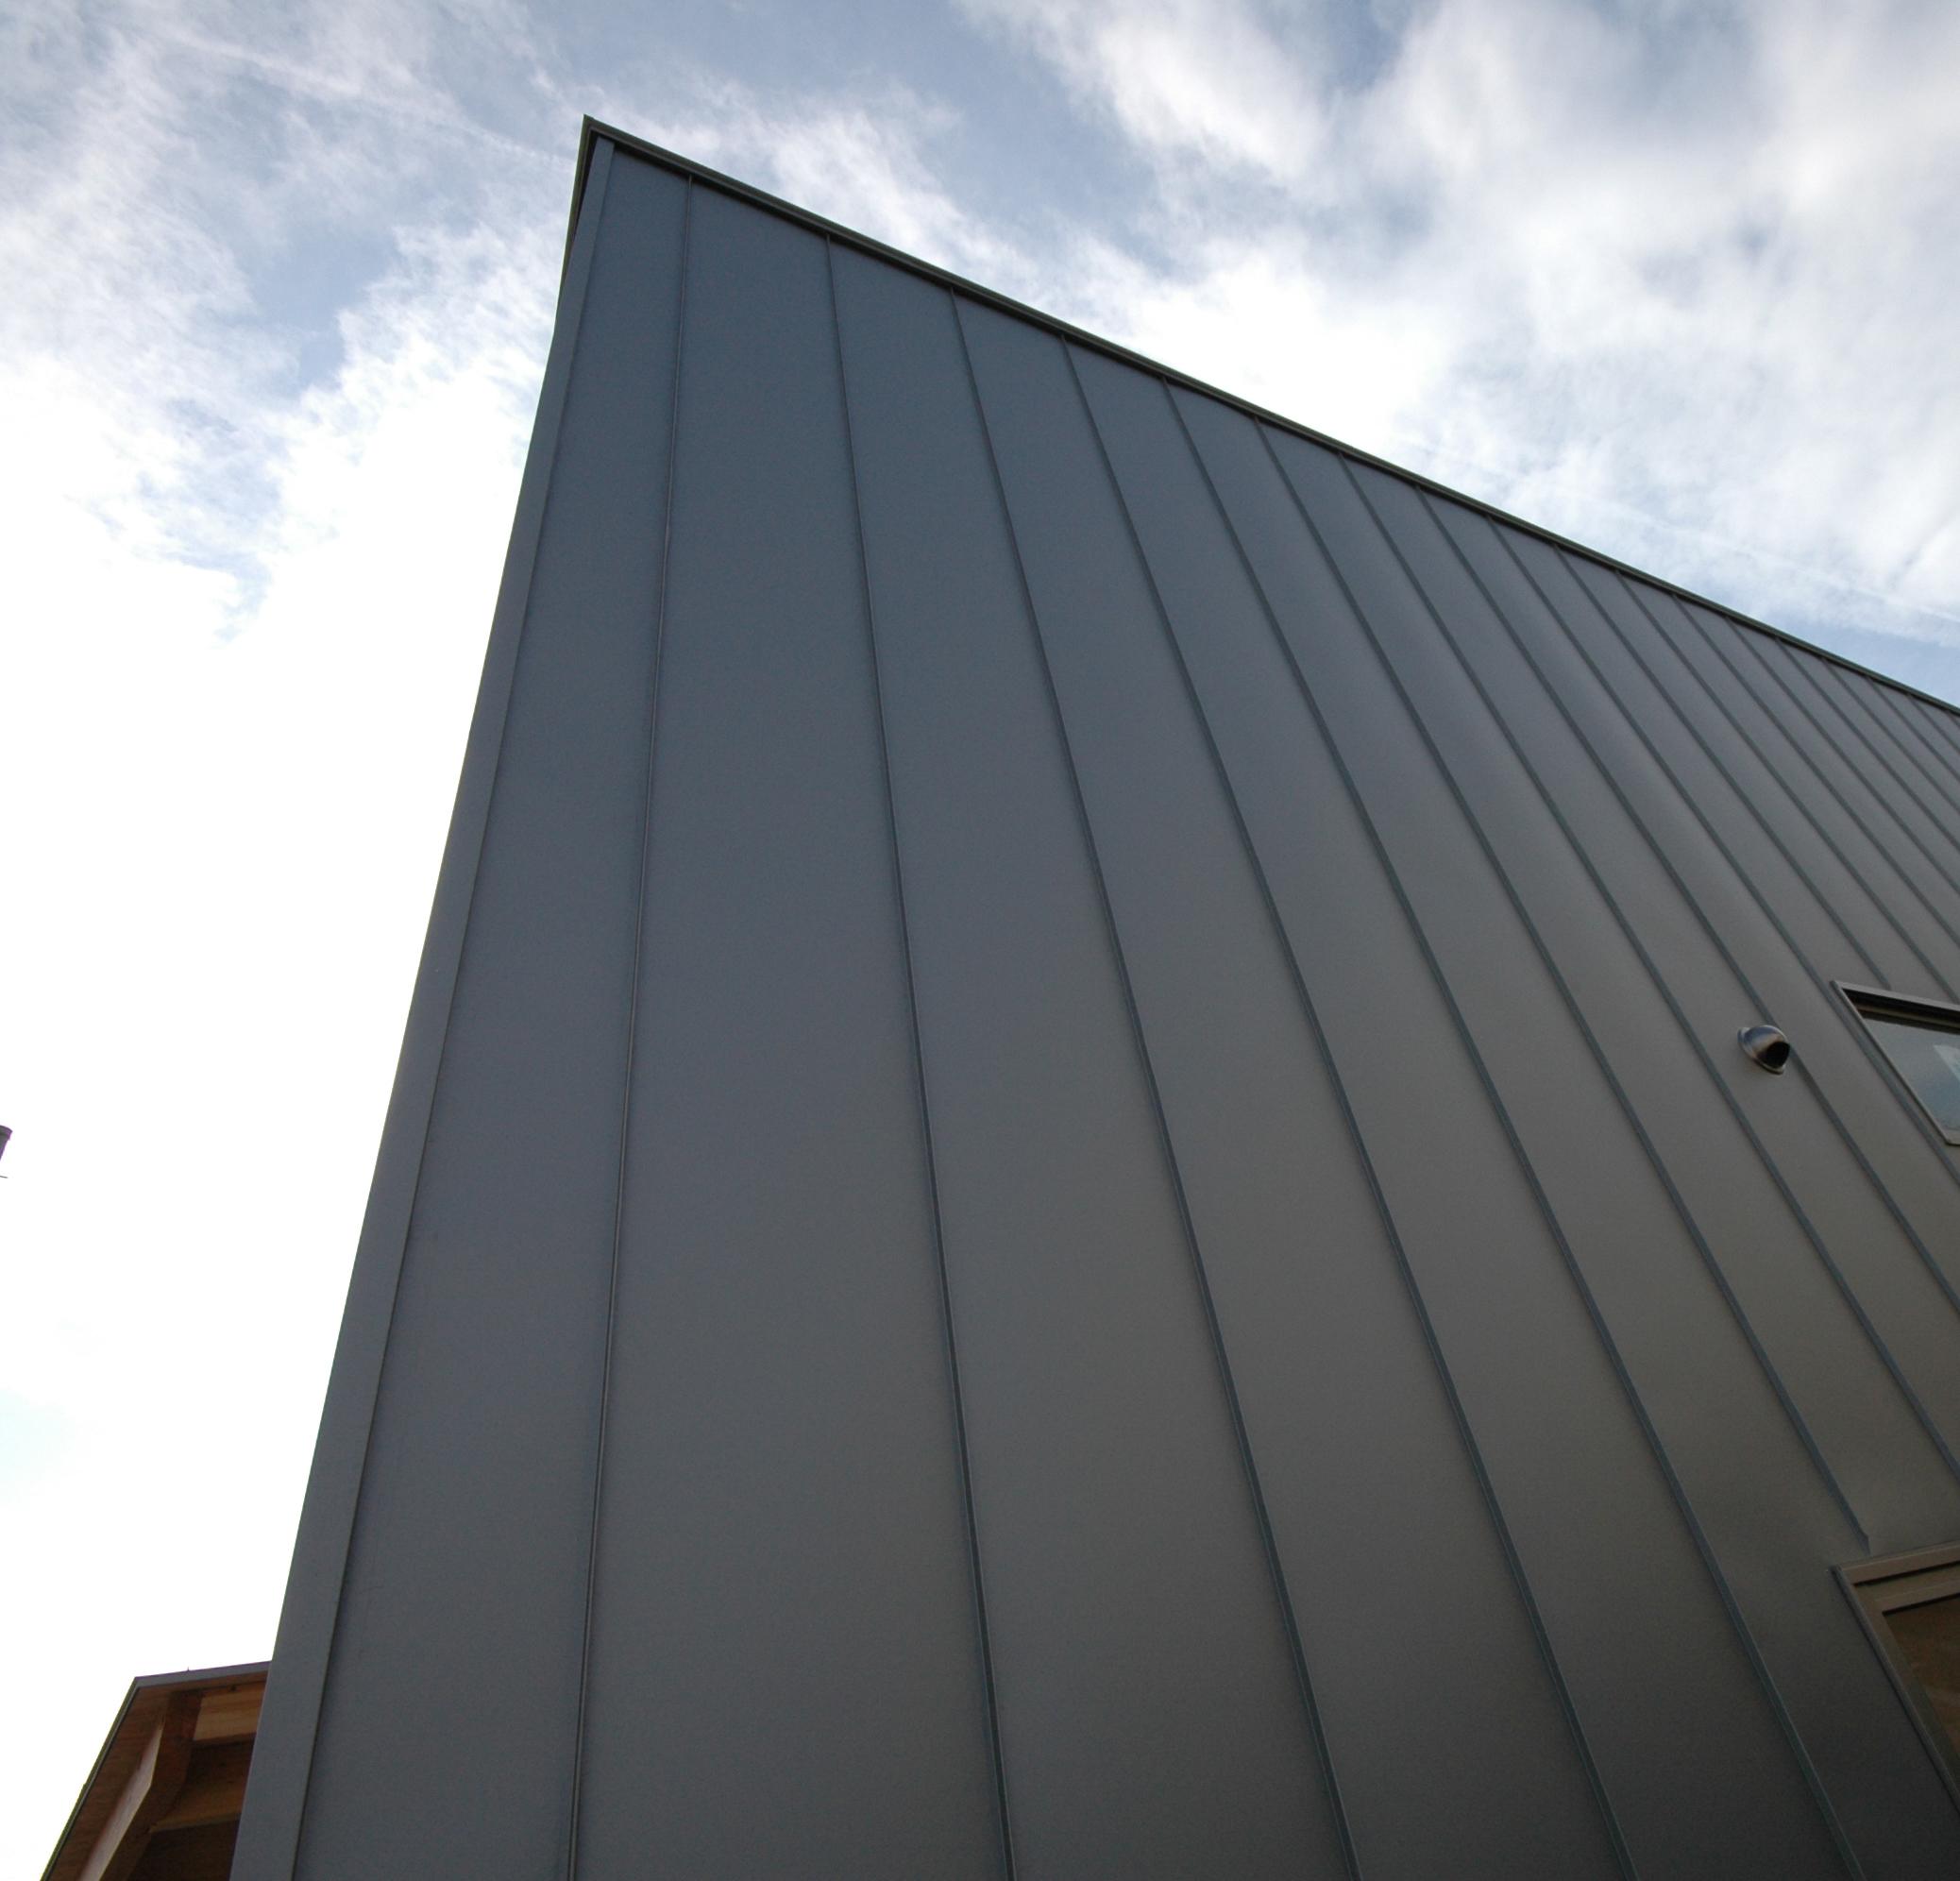 外壁の耐用年数とメンテナンス方法